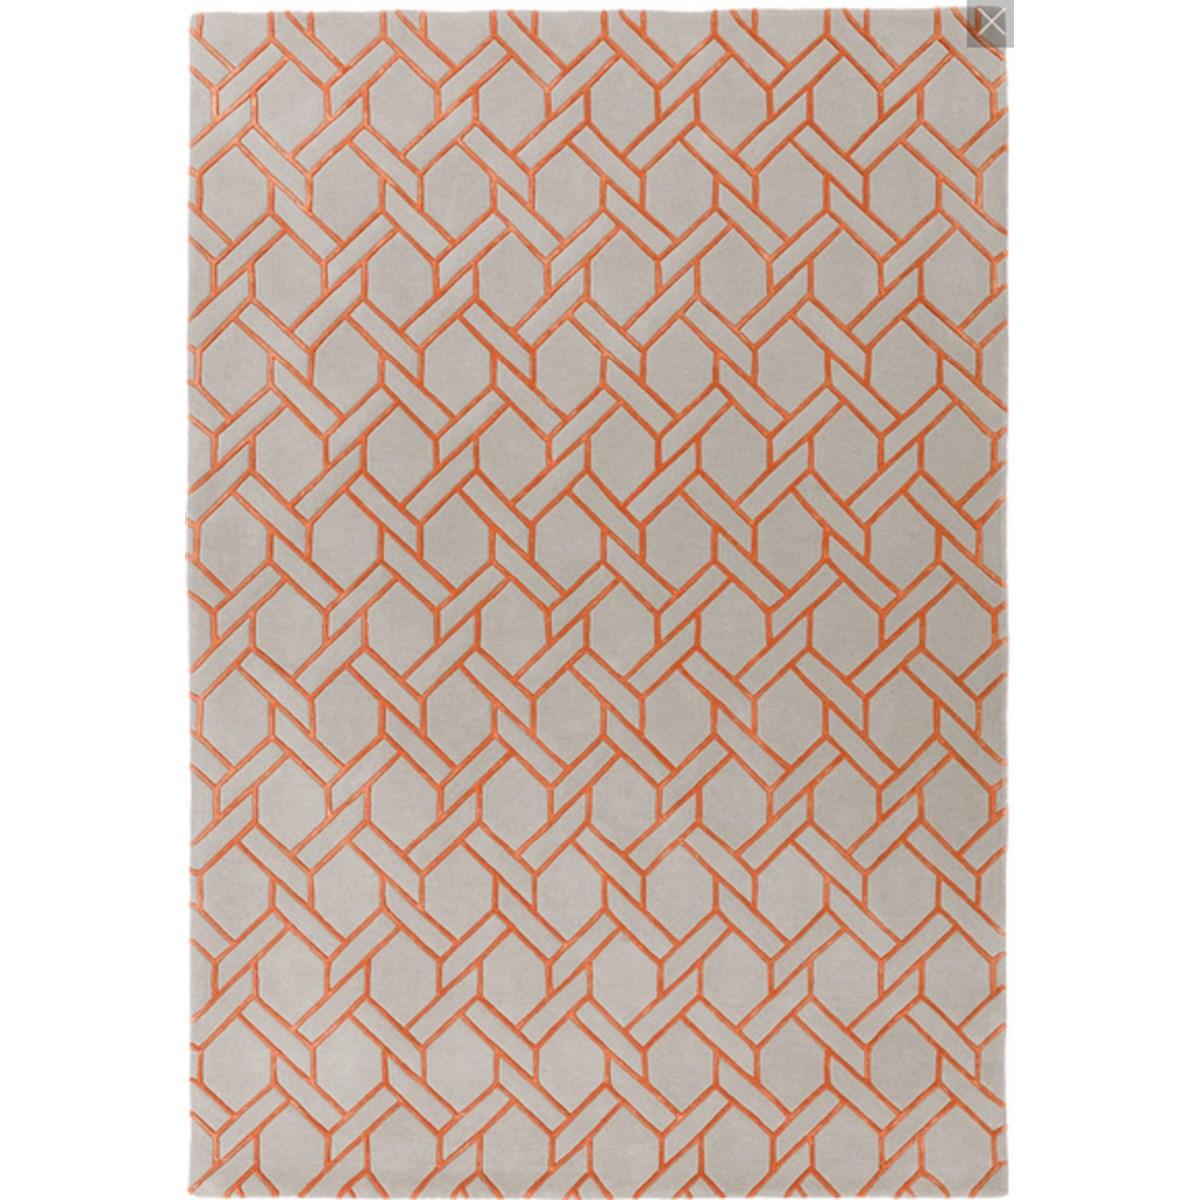 Tapis de salon moderne  en Laine Orange 160x230 cm